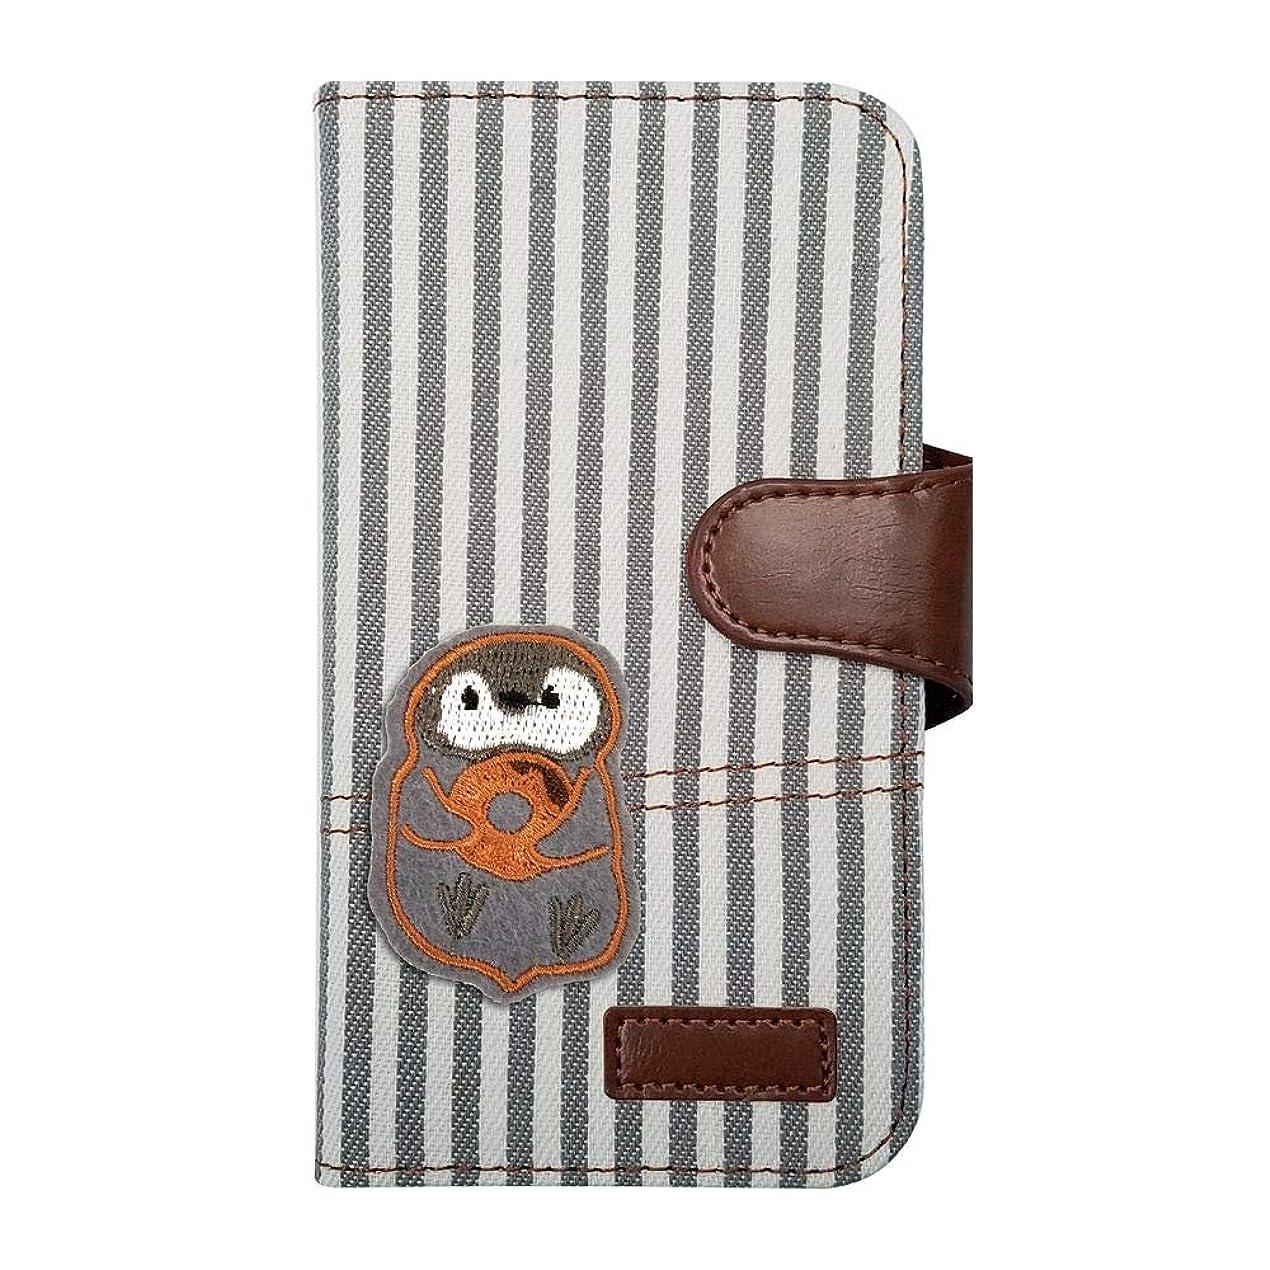 エゴマニア分散たるみ【moimoikka】 iPodTouch5 アイポッドタッチ5 ケース 手帳型 子ペンギン 動物 キャラクター かわいい ペンギン アニマル ヒッコリー(グレー) ワッペン 刺繍 生地 布 ファブリック カード収納 フリップ カバー スマートフォン もいもいっか sslink